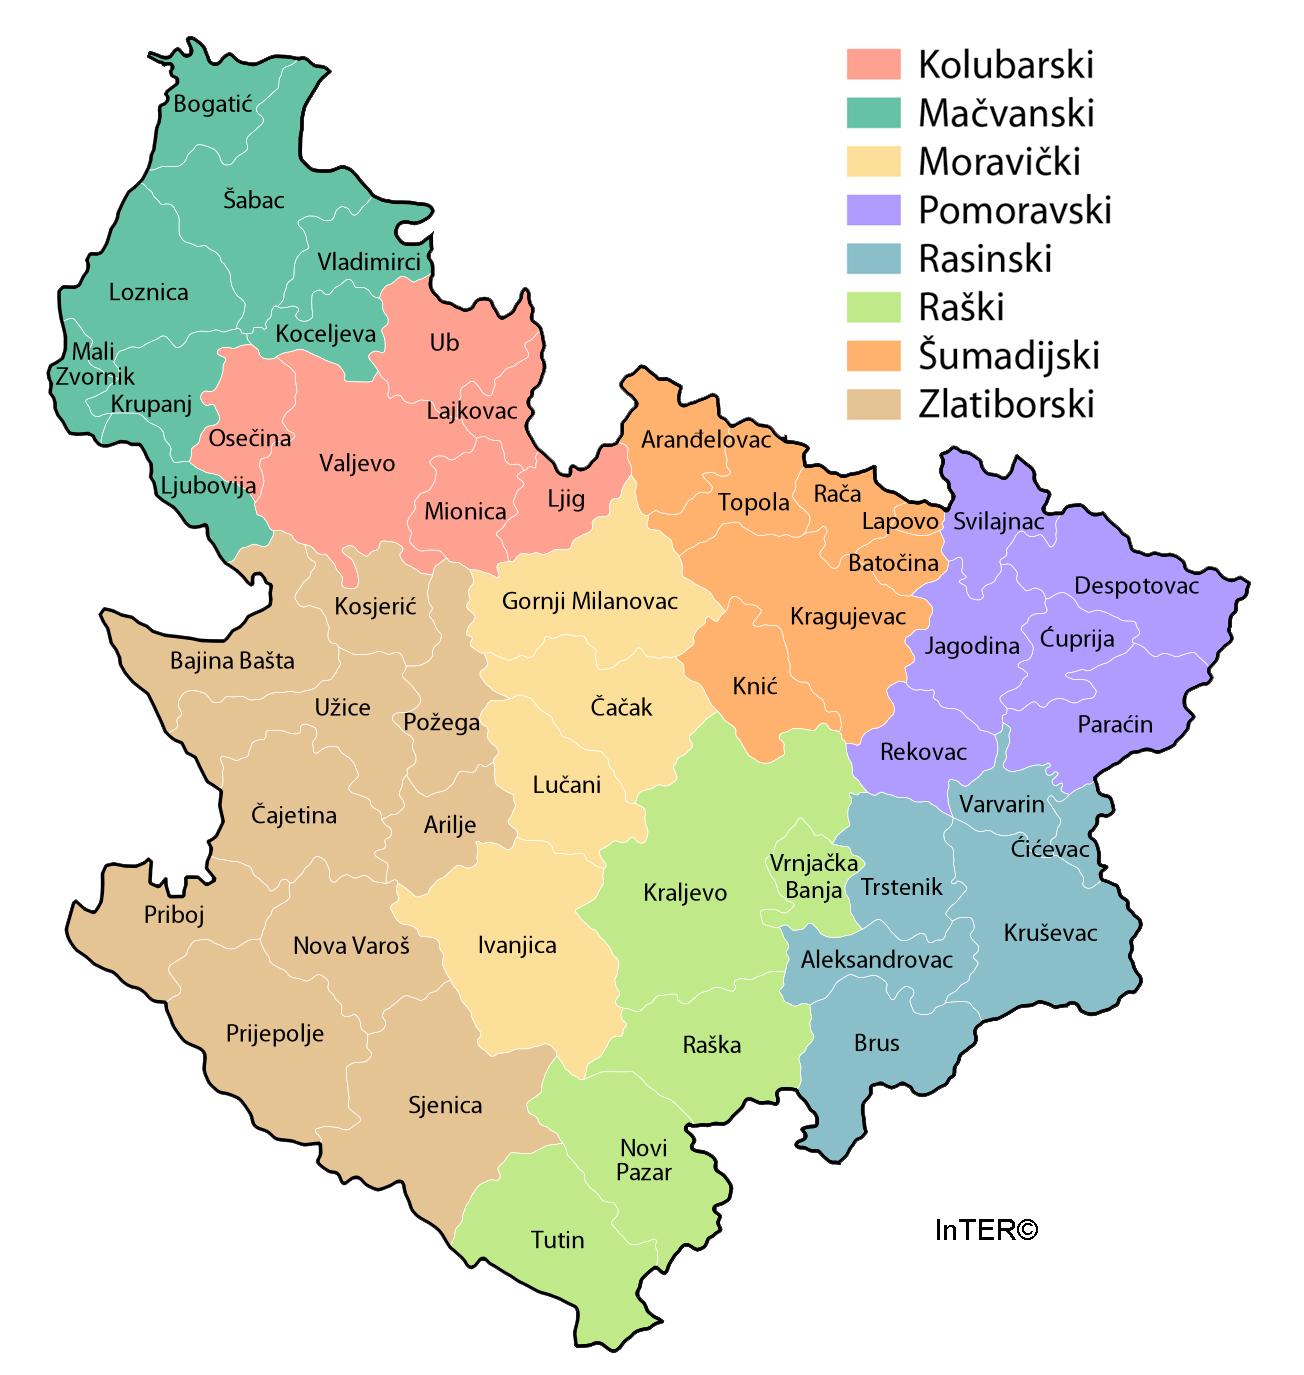 Inter Karta Regiona Sumadije I Zapadne Srbije